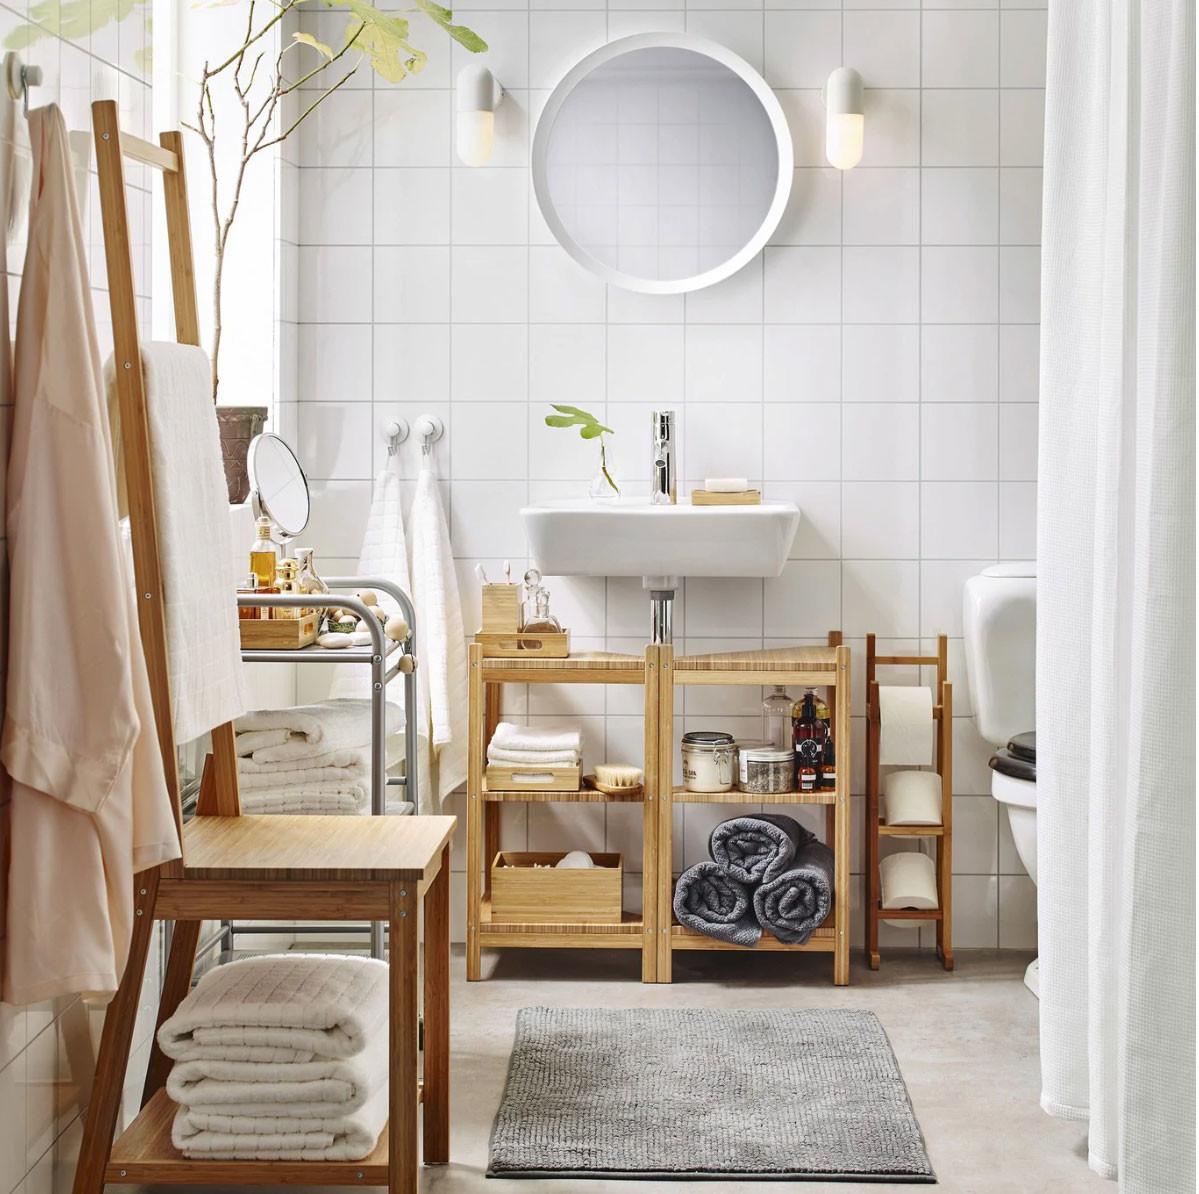 Diez lavabos a buen precio (menos de 200 euros) para